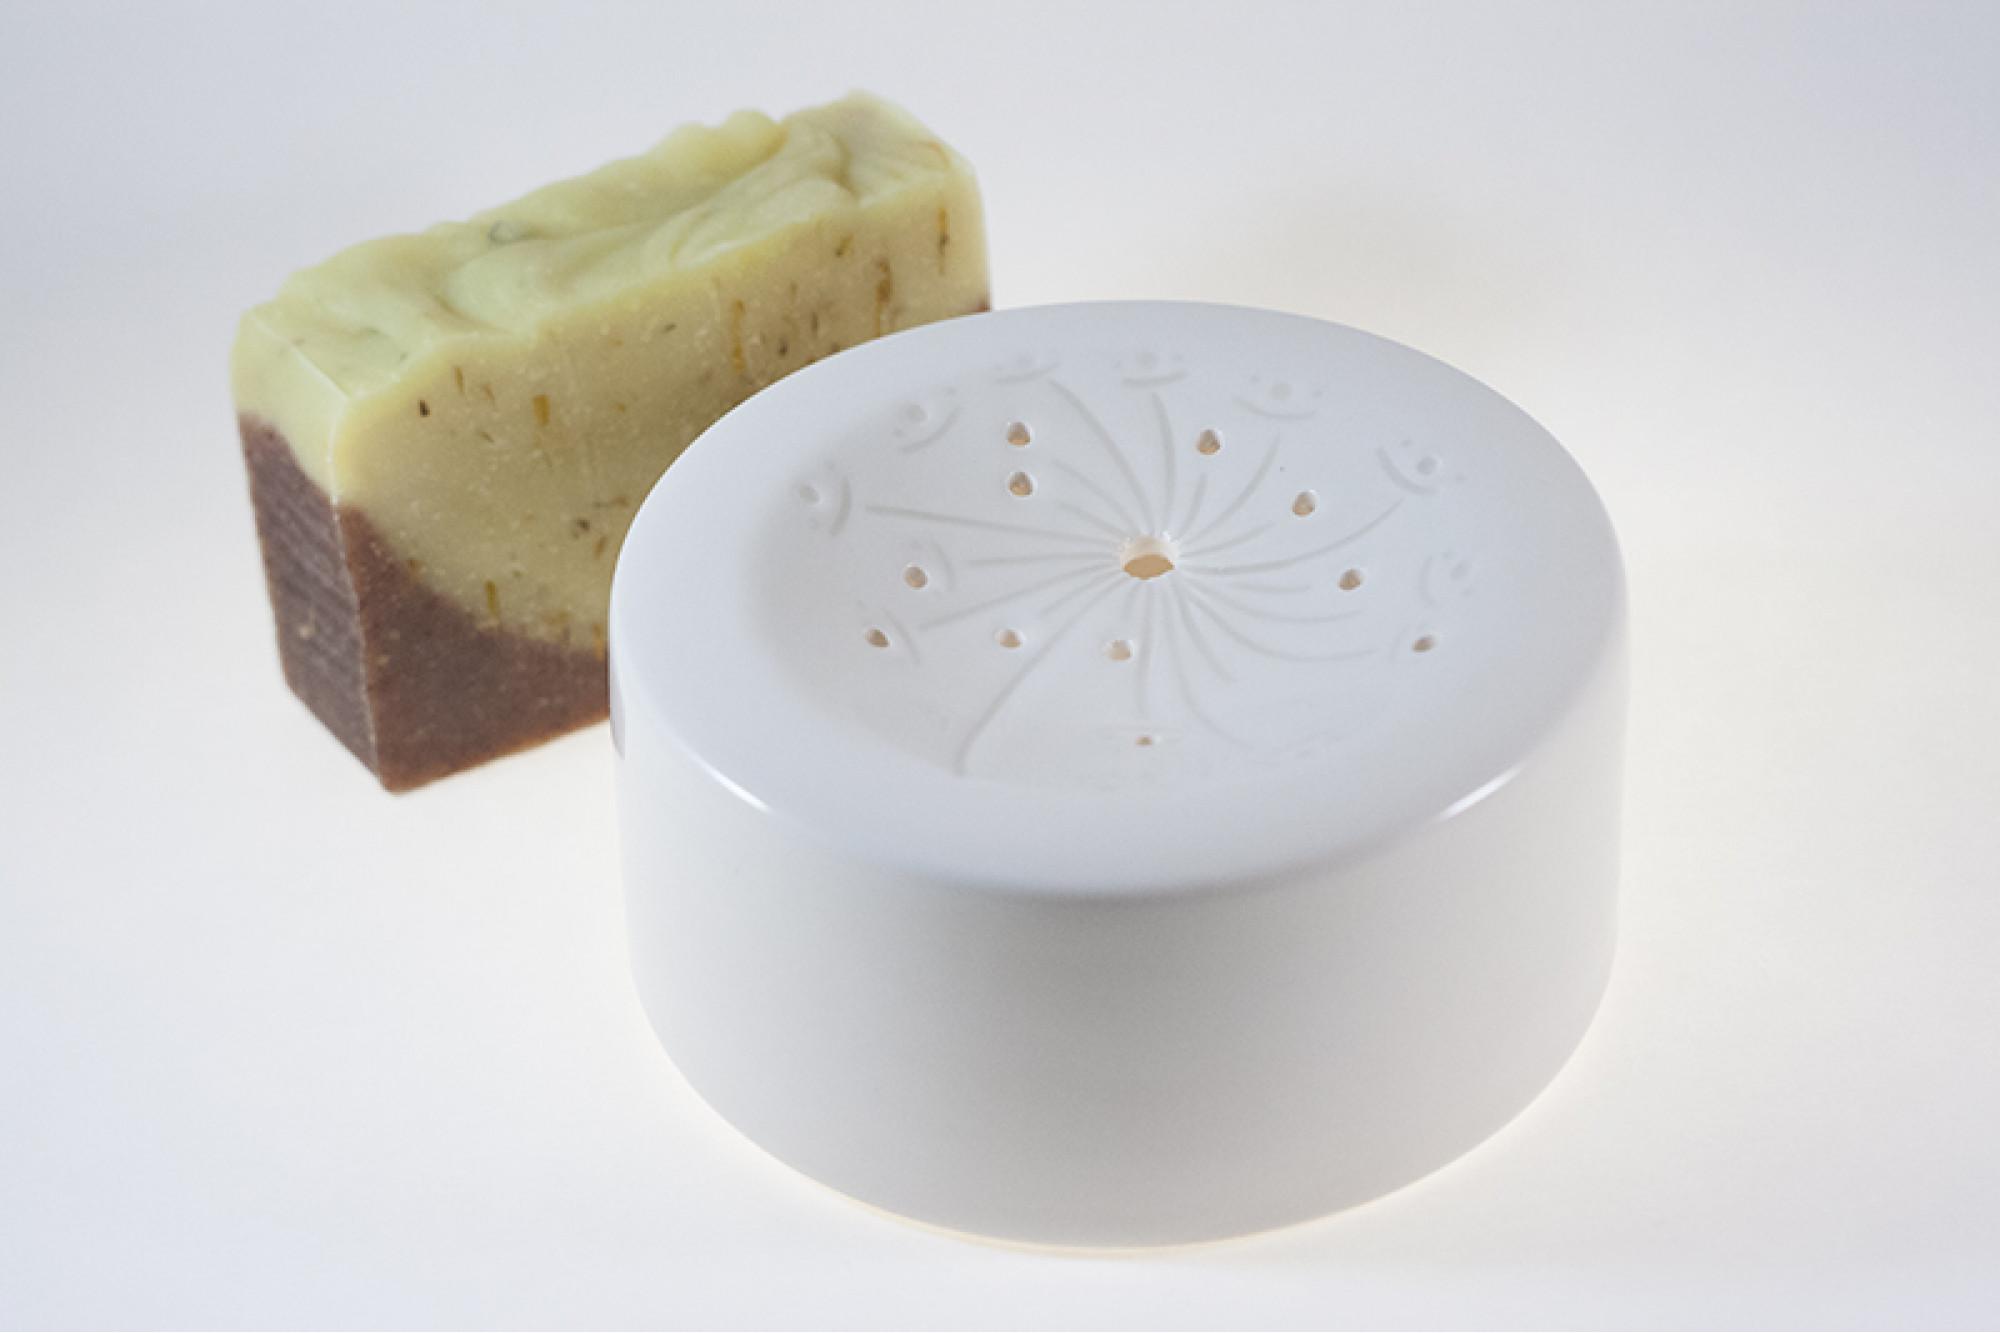 Savonieră ceramică hand-made | Endea - Tested on friends